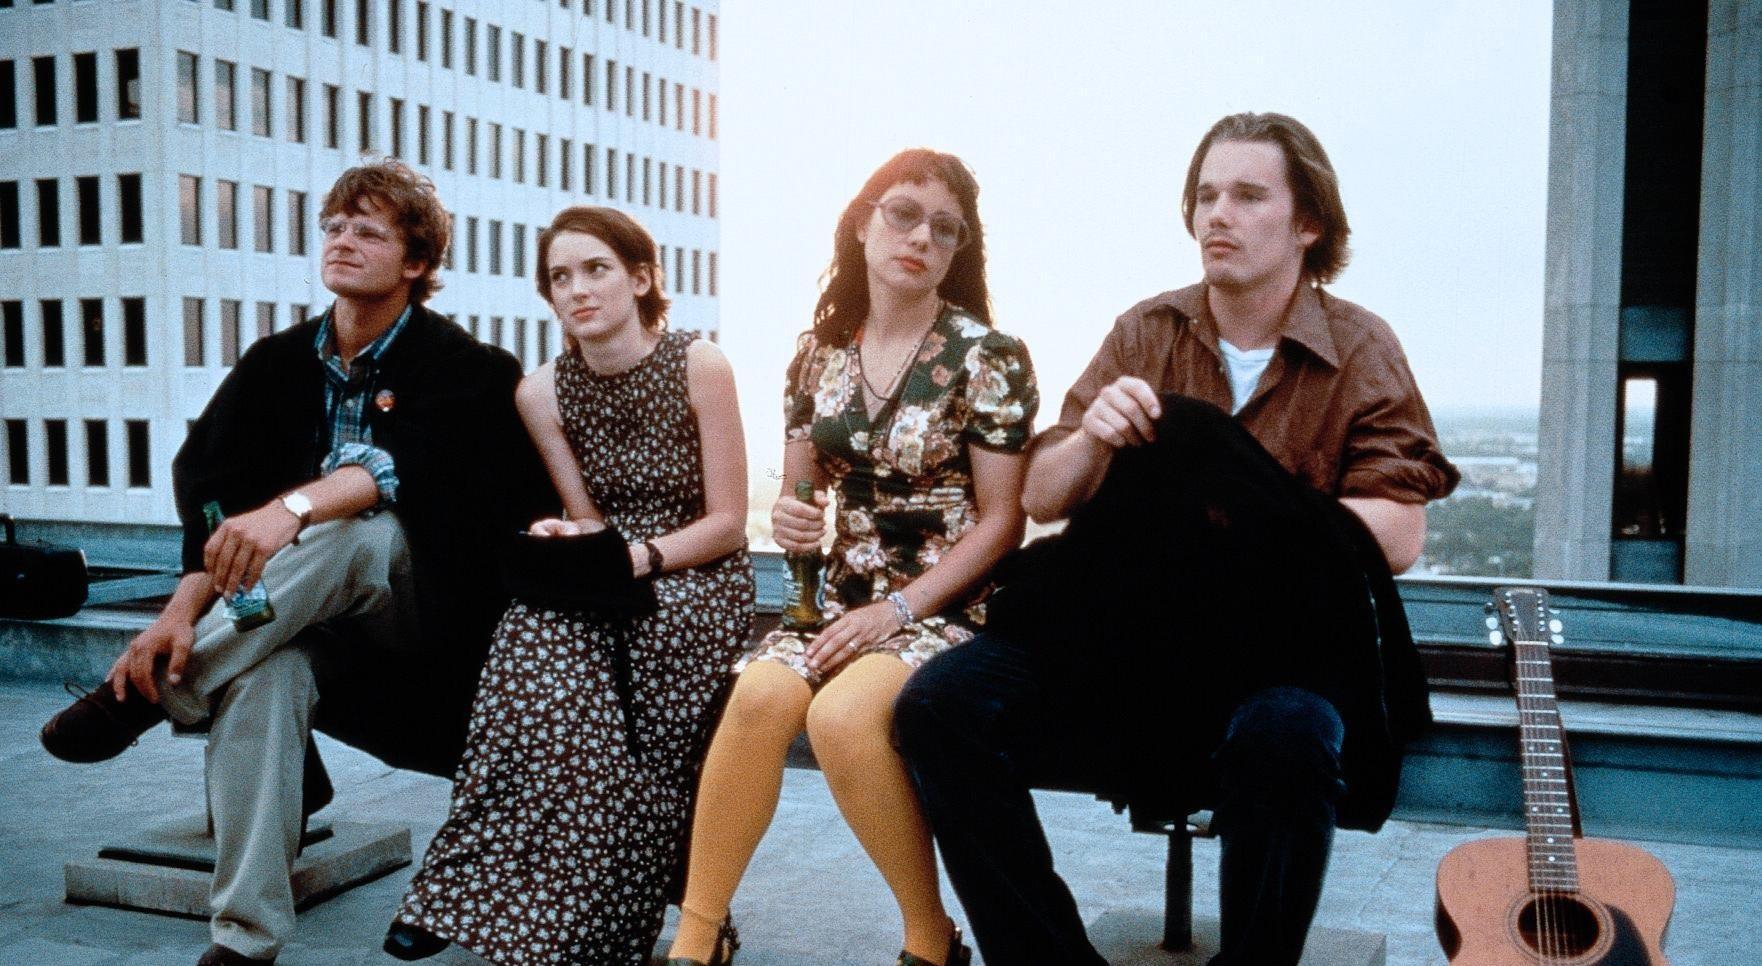 giovani, carini e disoccupati